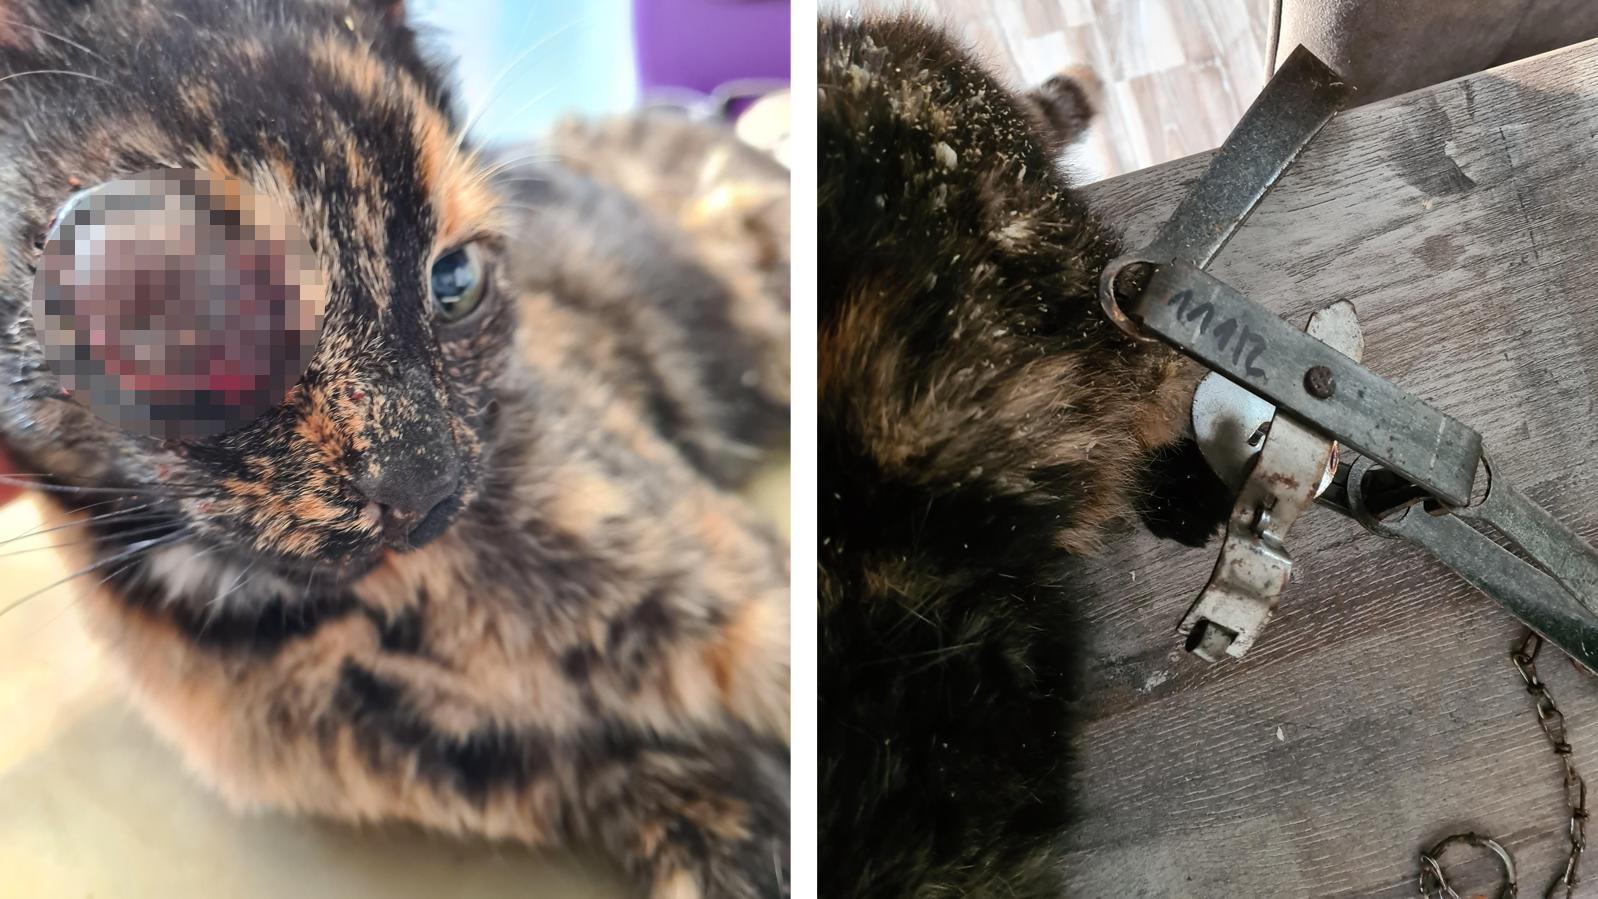 Katze Fey trug viele Verletzungen davon. Ihr musste unter anderem ein Auge entfernt werden.